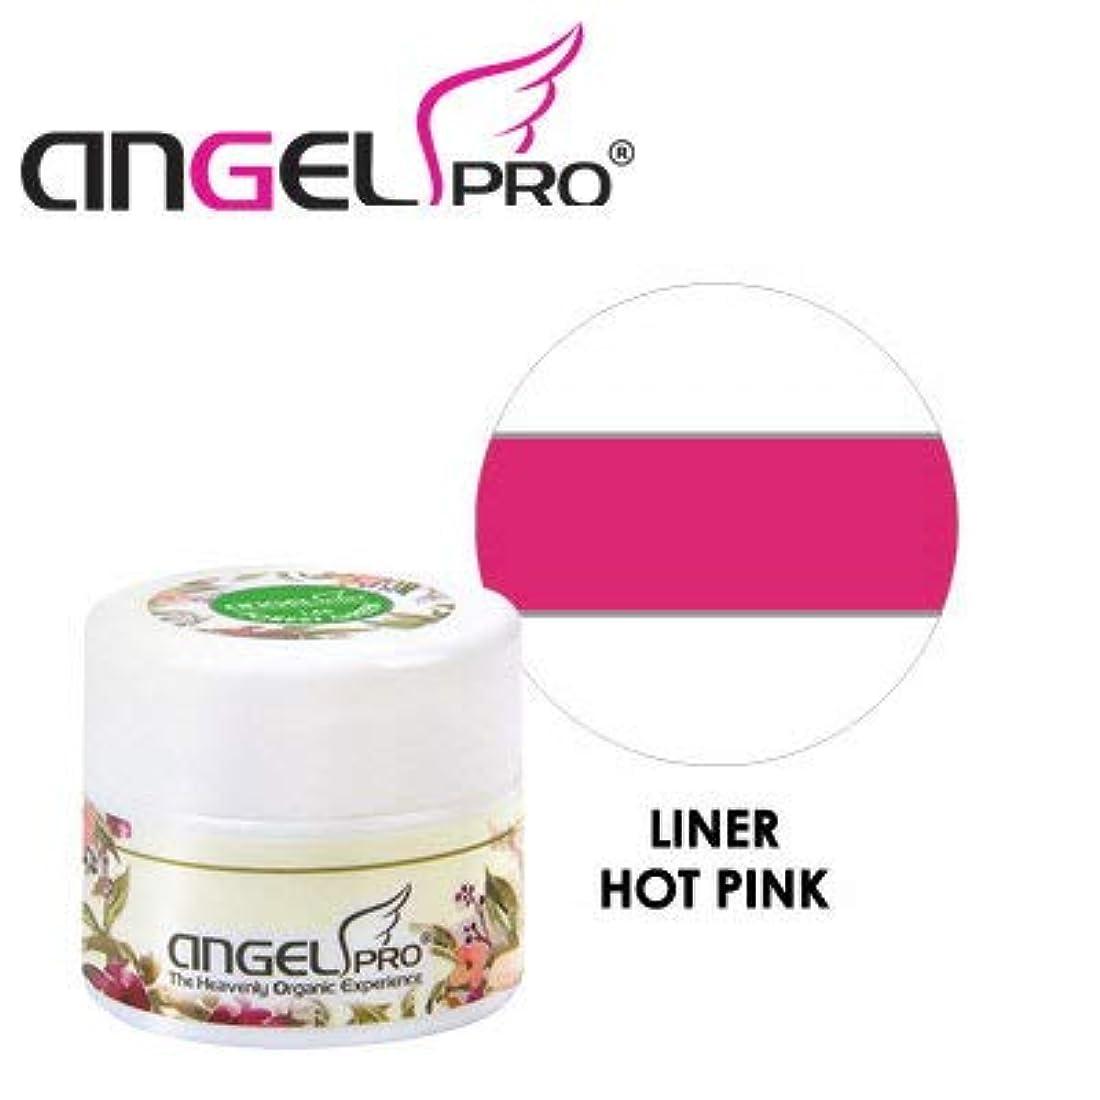 乳製品破滅的なドキドキANGEL PRO ポットジェリー LINER HOT PINK 4g